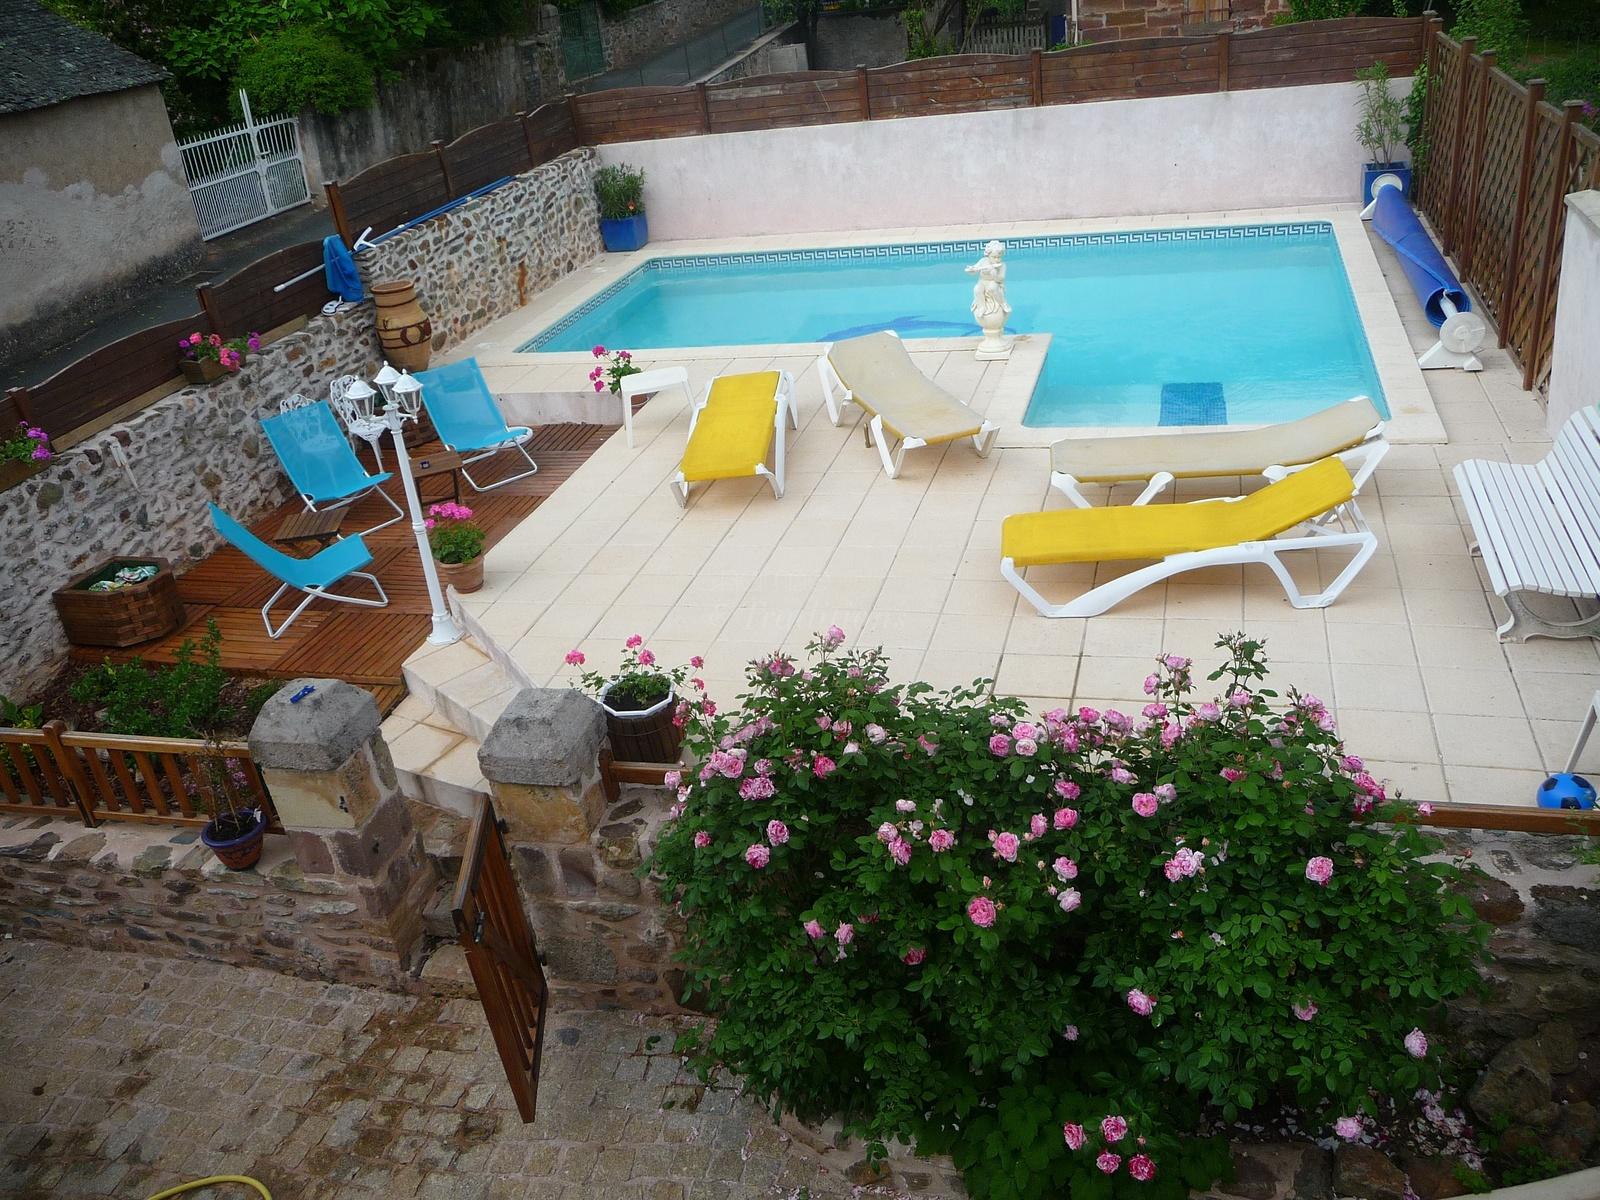 La villa rose chambre d 39 hote juillac corr ze - Chambres d hotes la villa alienor ...